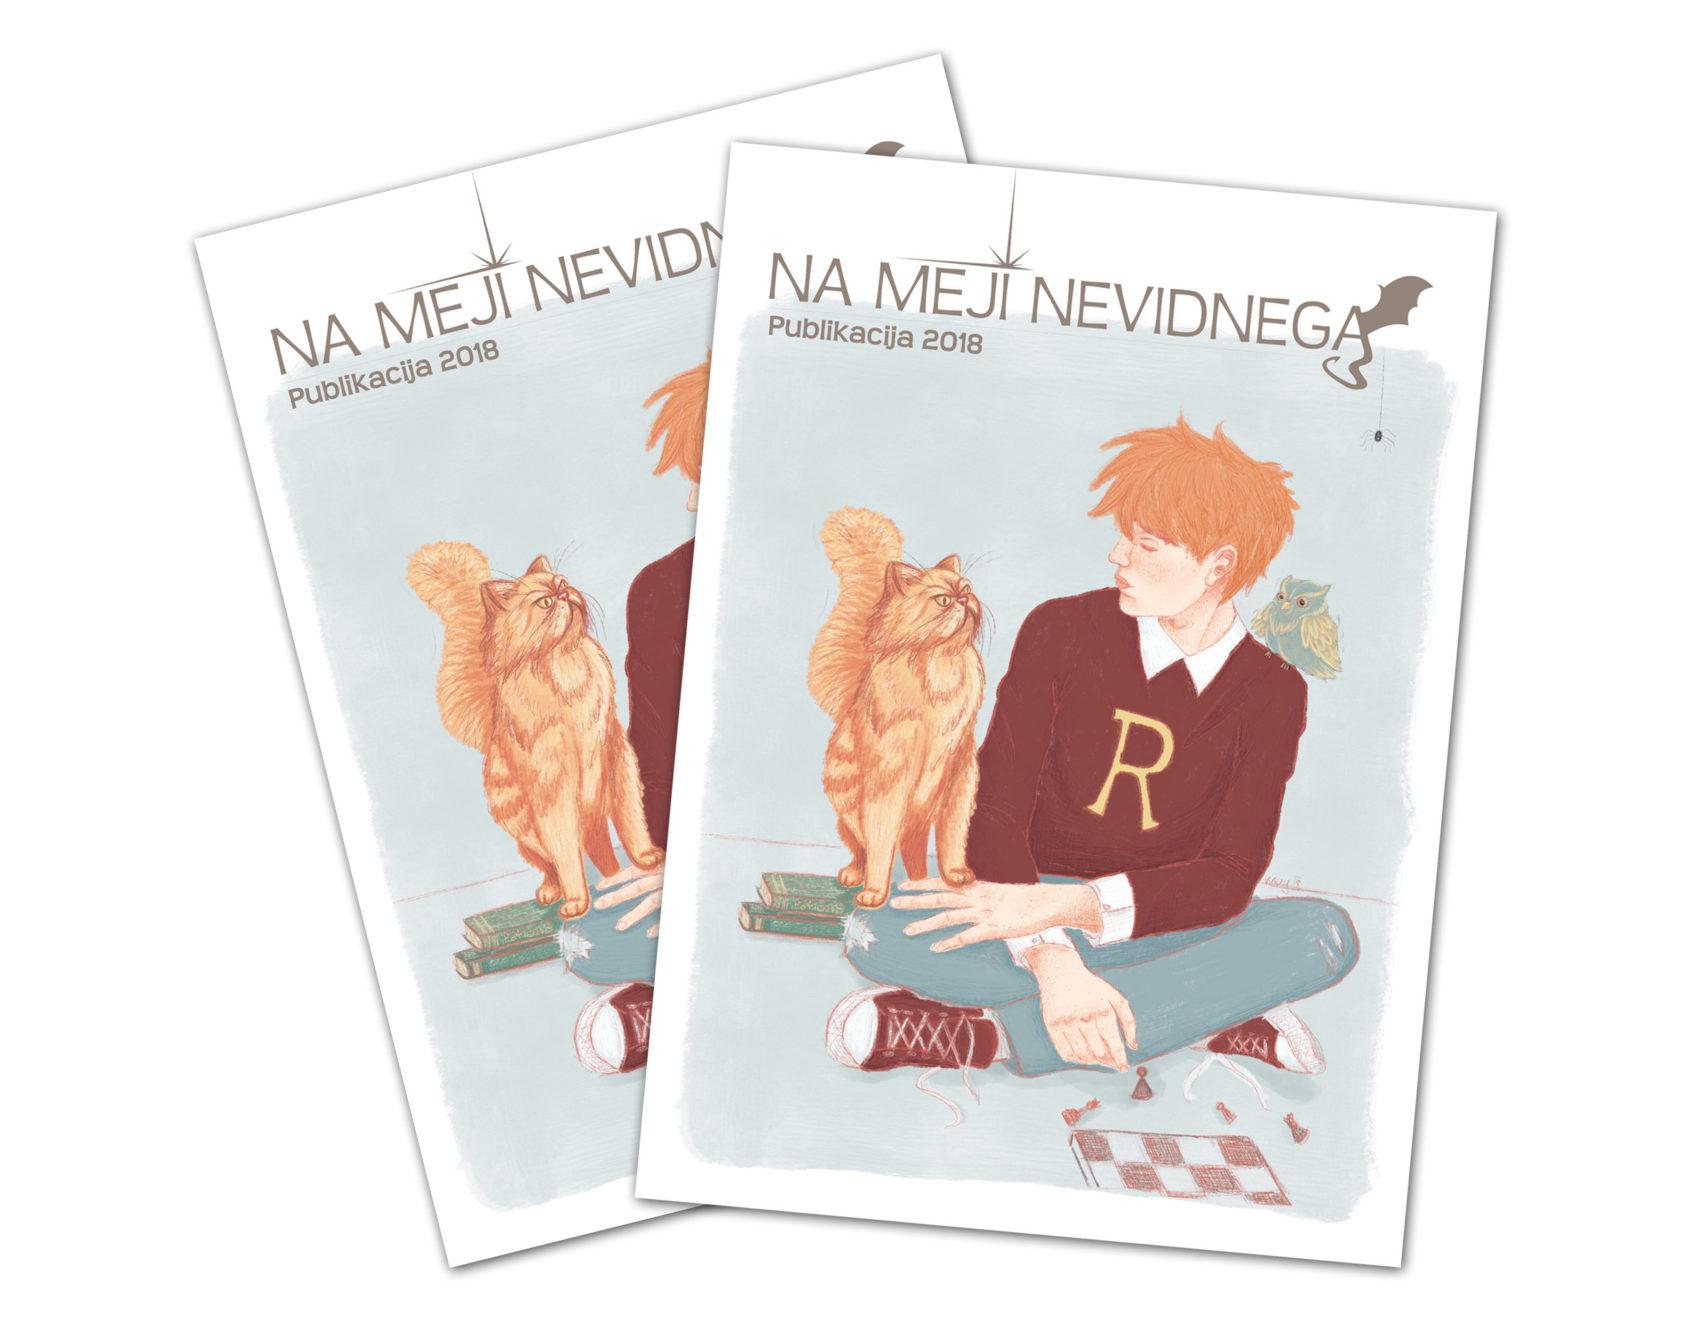 Primera revije NMN iz leta 2018.